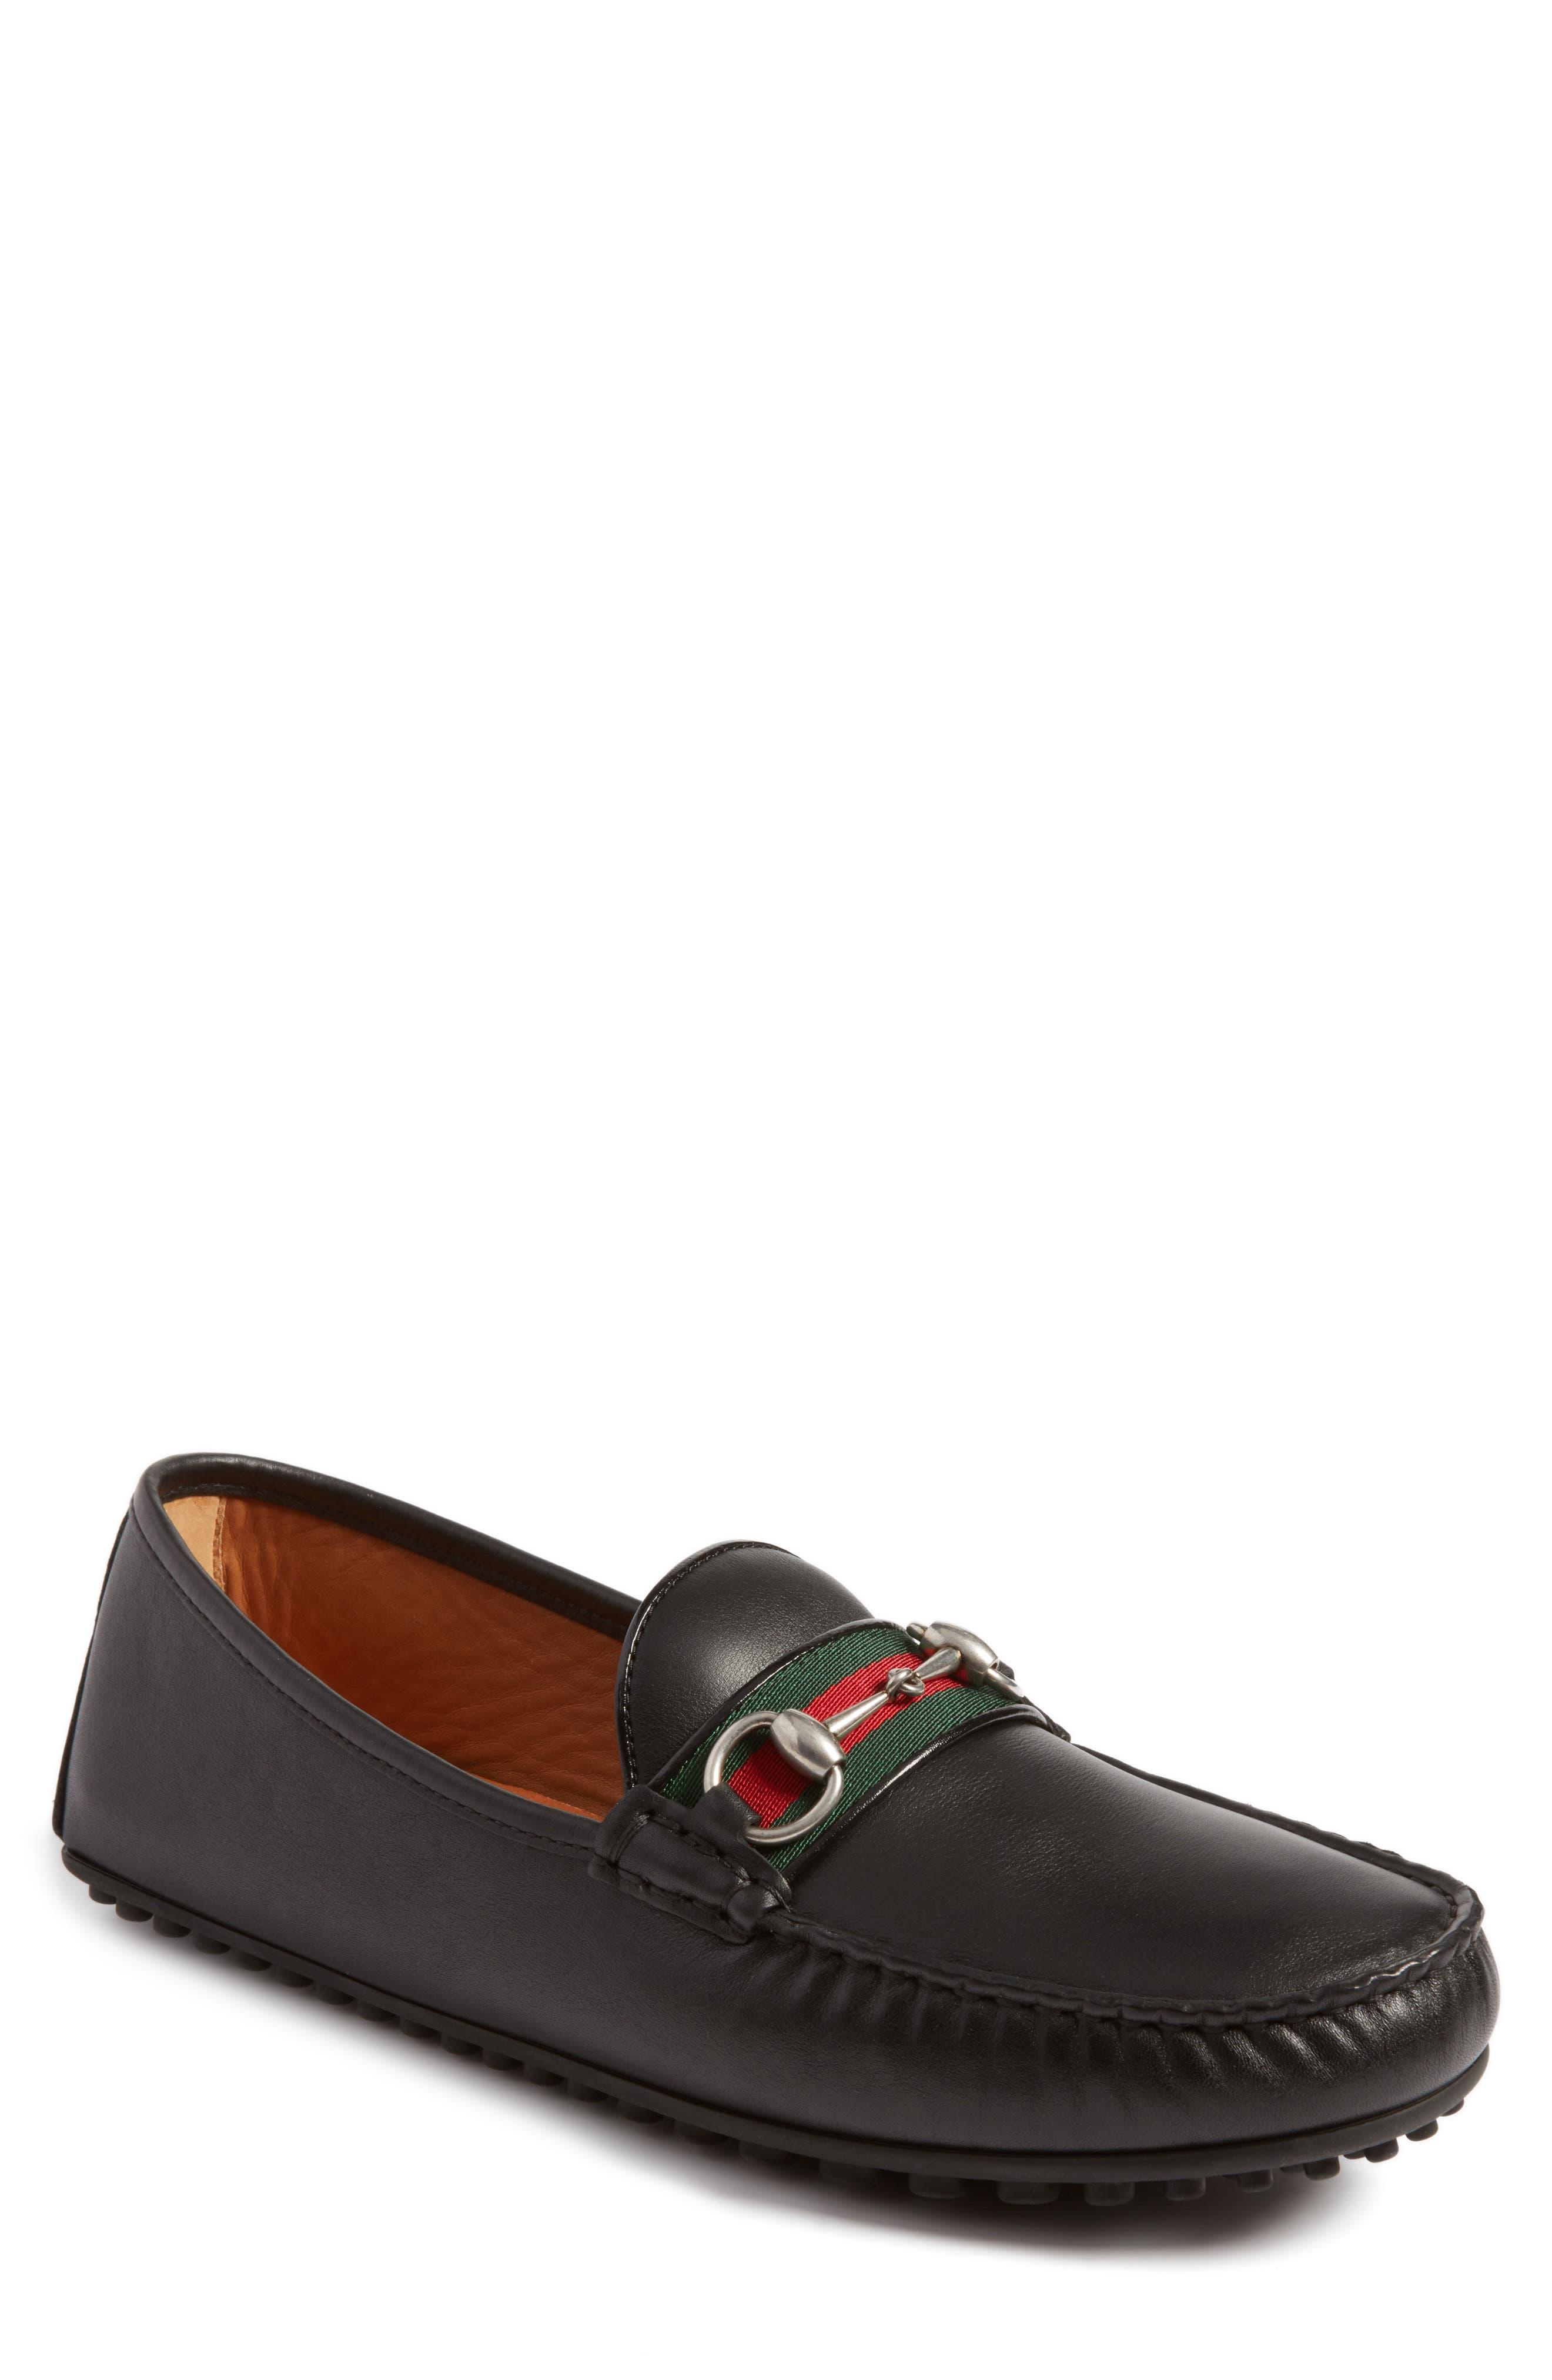 Kanye Bit Loafer,                         Main,                         color, Nero Leather